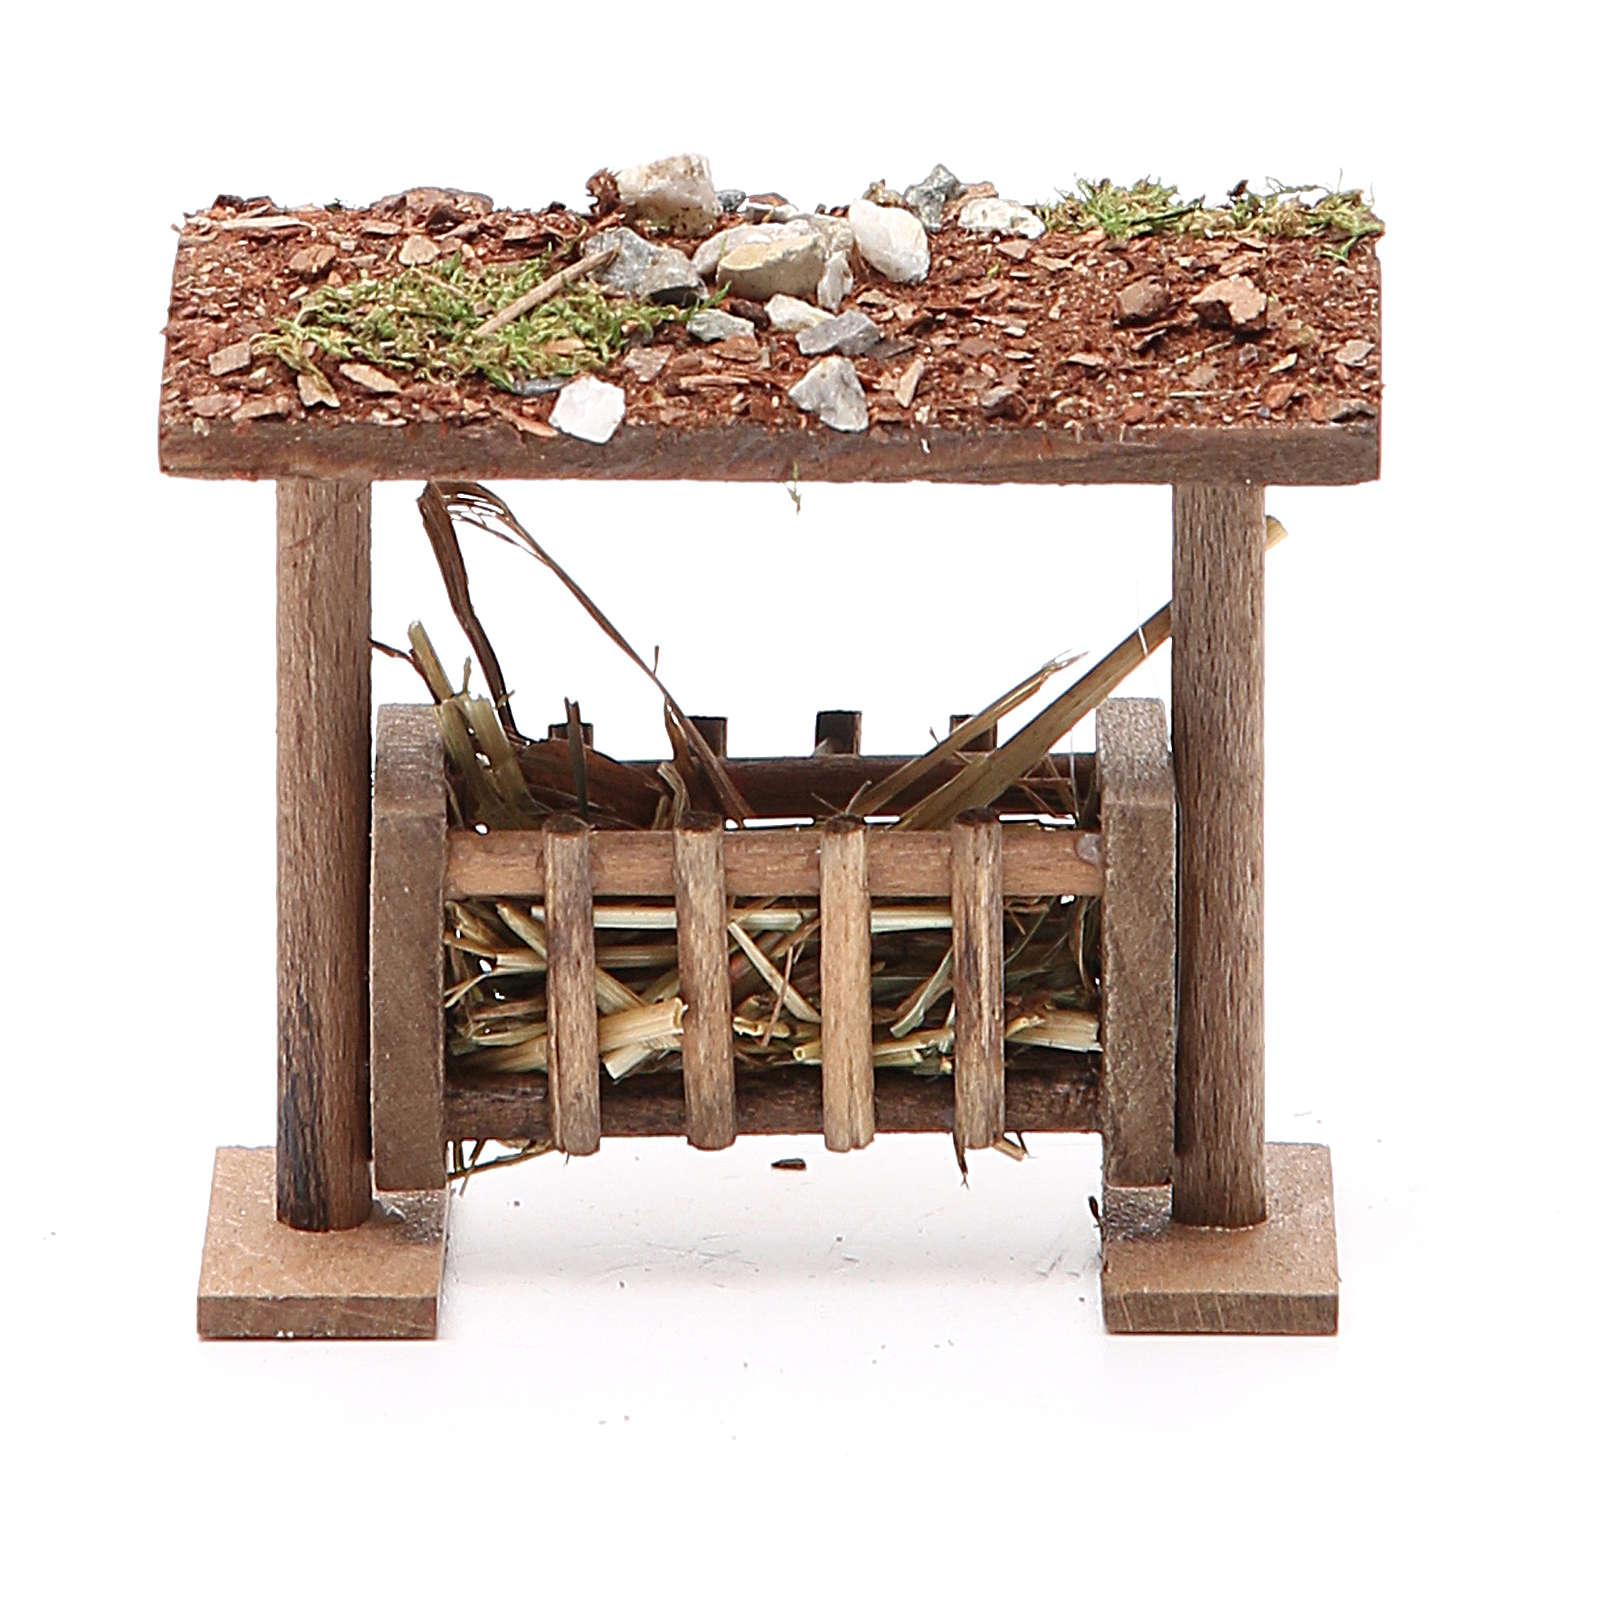 Rastrelliera con tetto e foraggio h. 6,5x8,5x9 cm 4